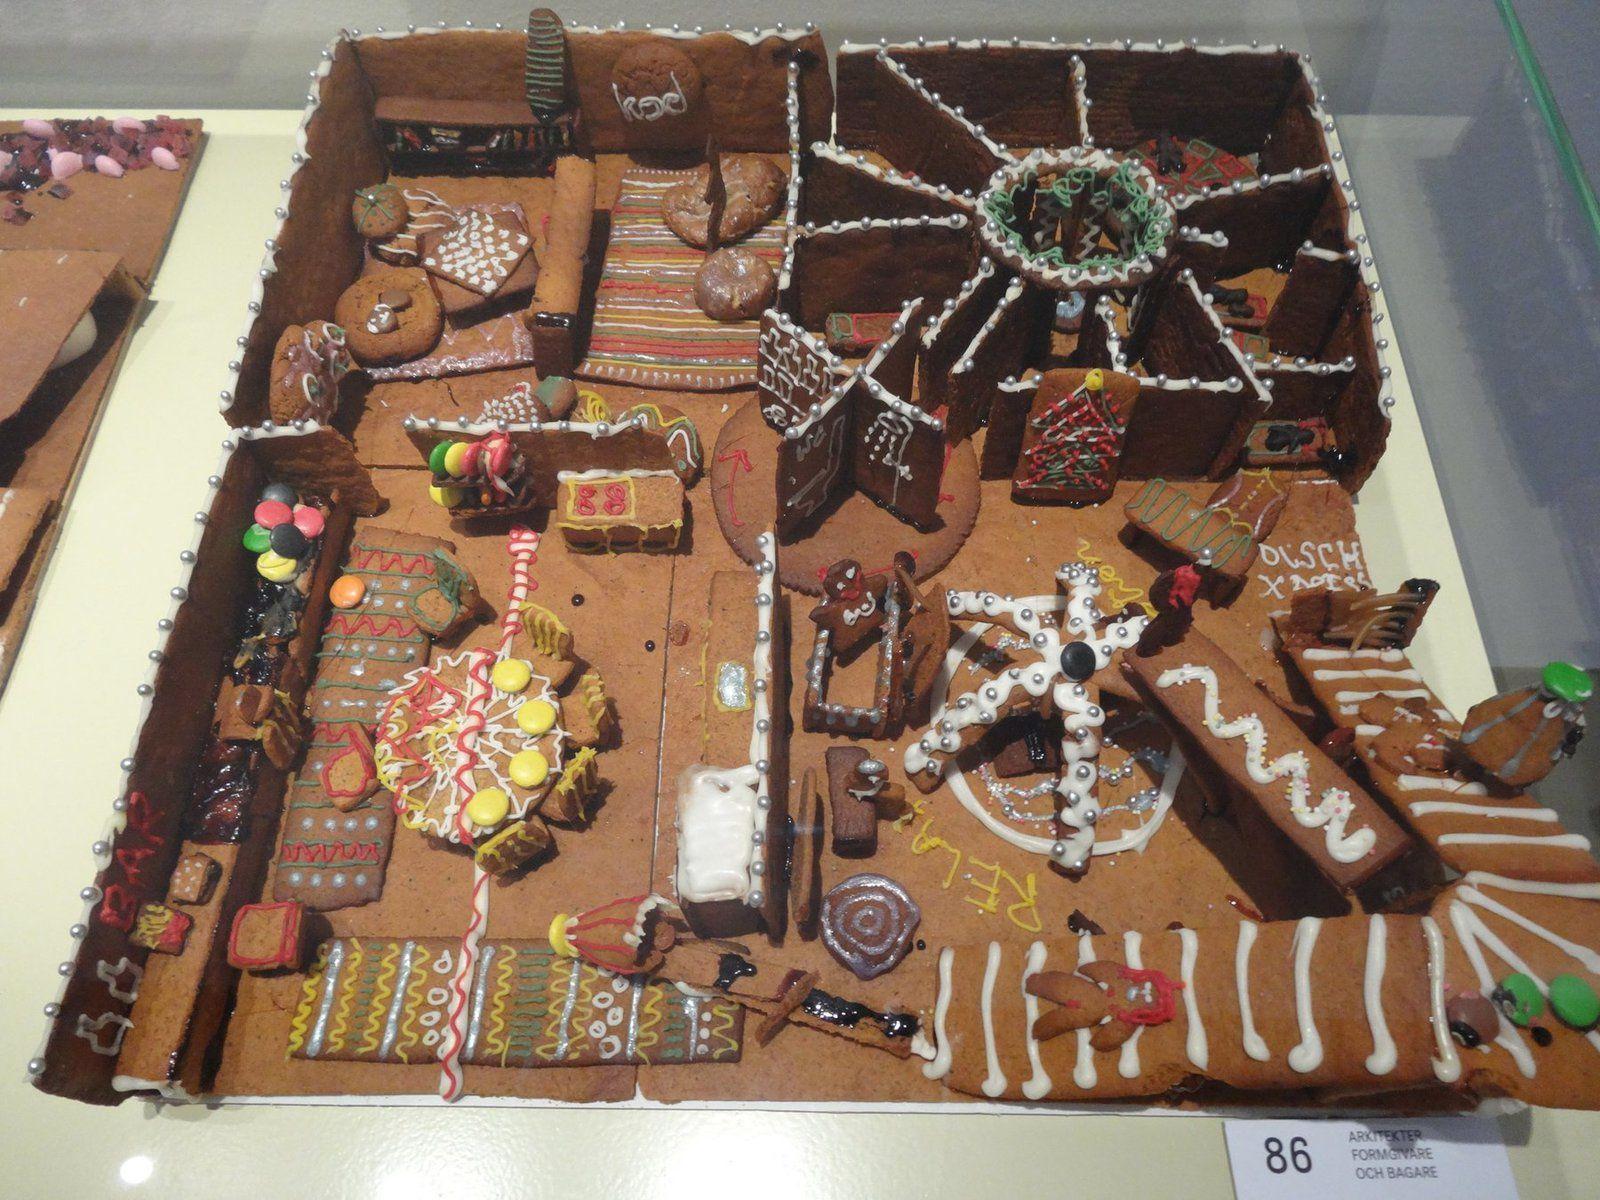 Concours de Maisons en gâteaux et bonbons au Moderna Museet de Stockholm (11 photos)